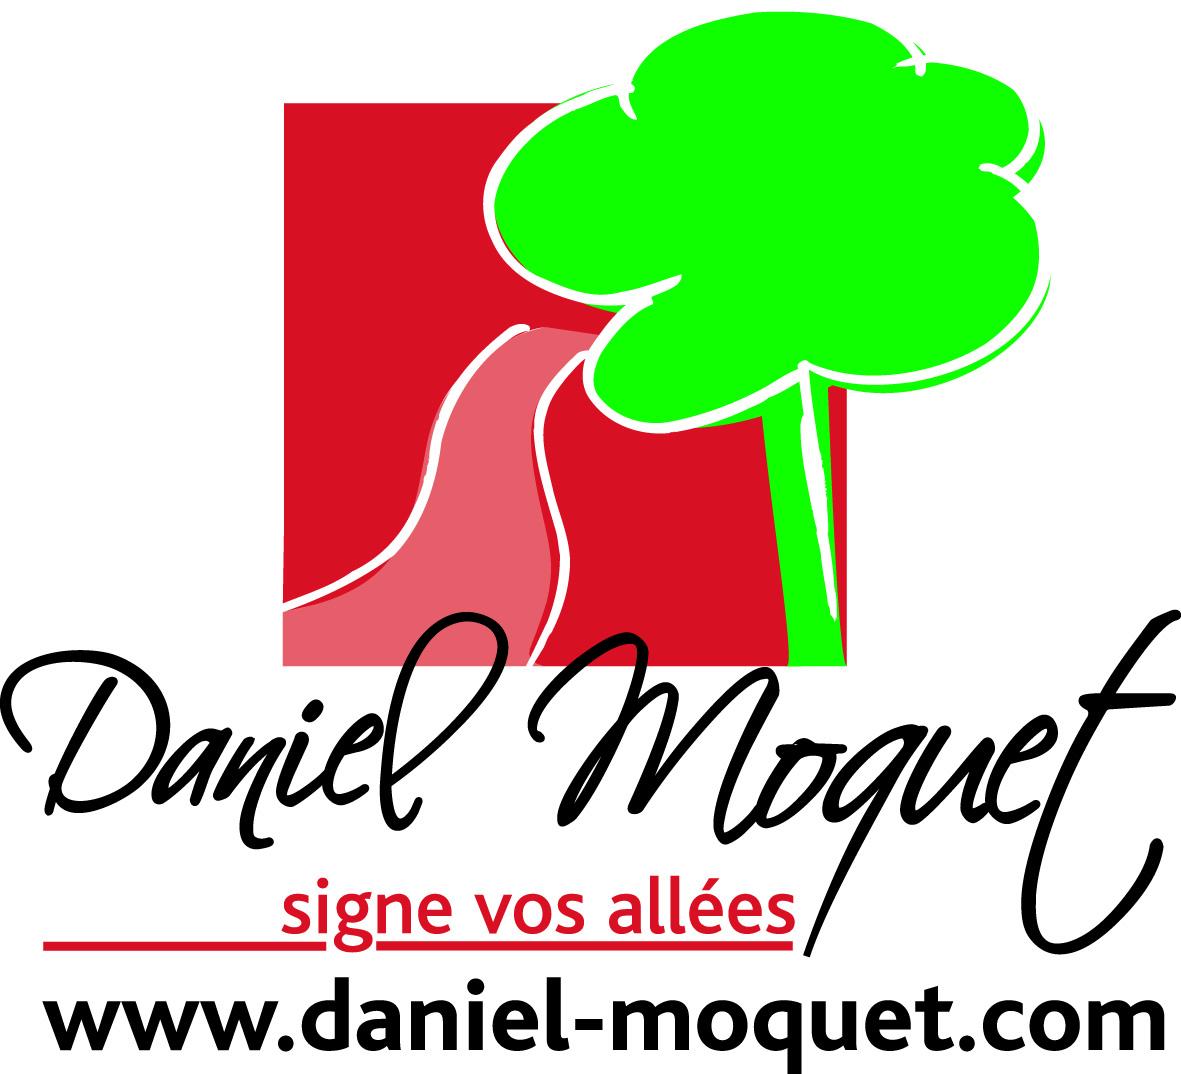 Daniel Moquet signe vos allées - Ent. Villain